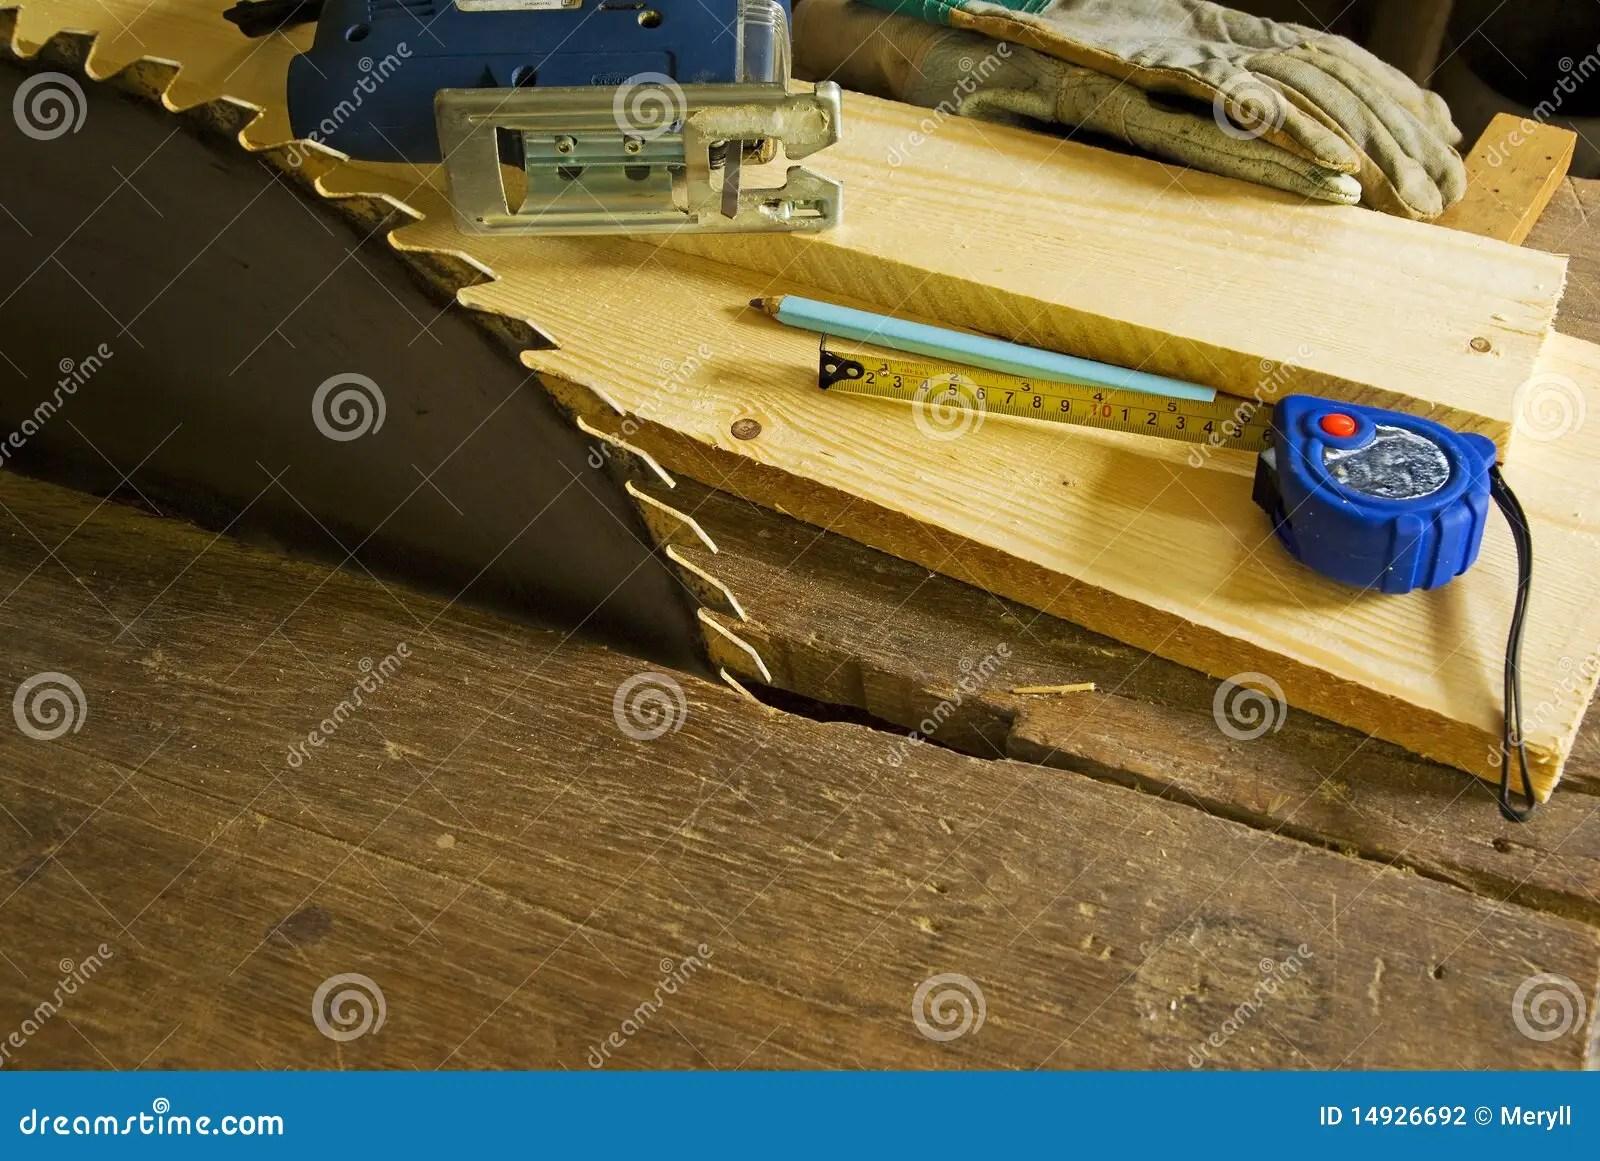 Wood Work Workshop Background Stock Photo Image 14926692